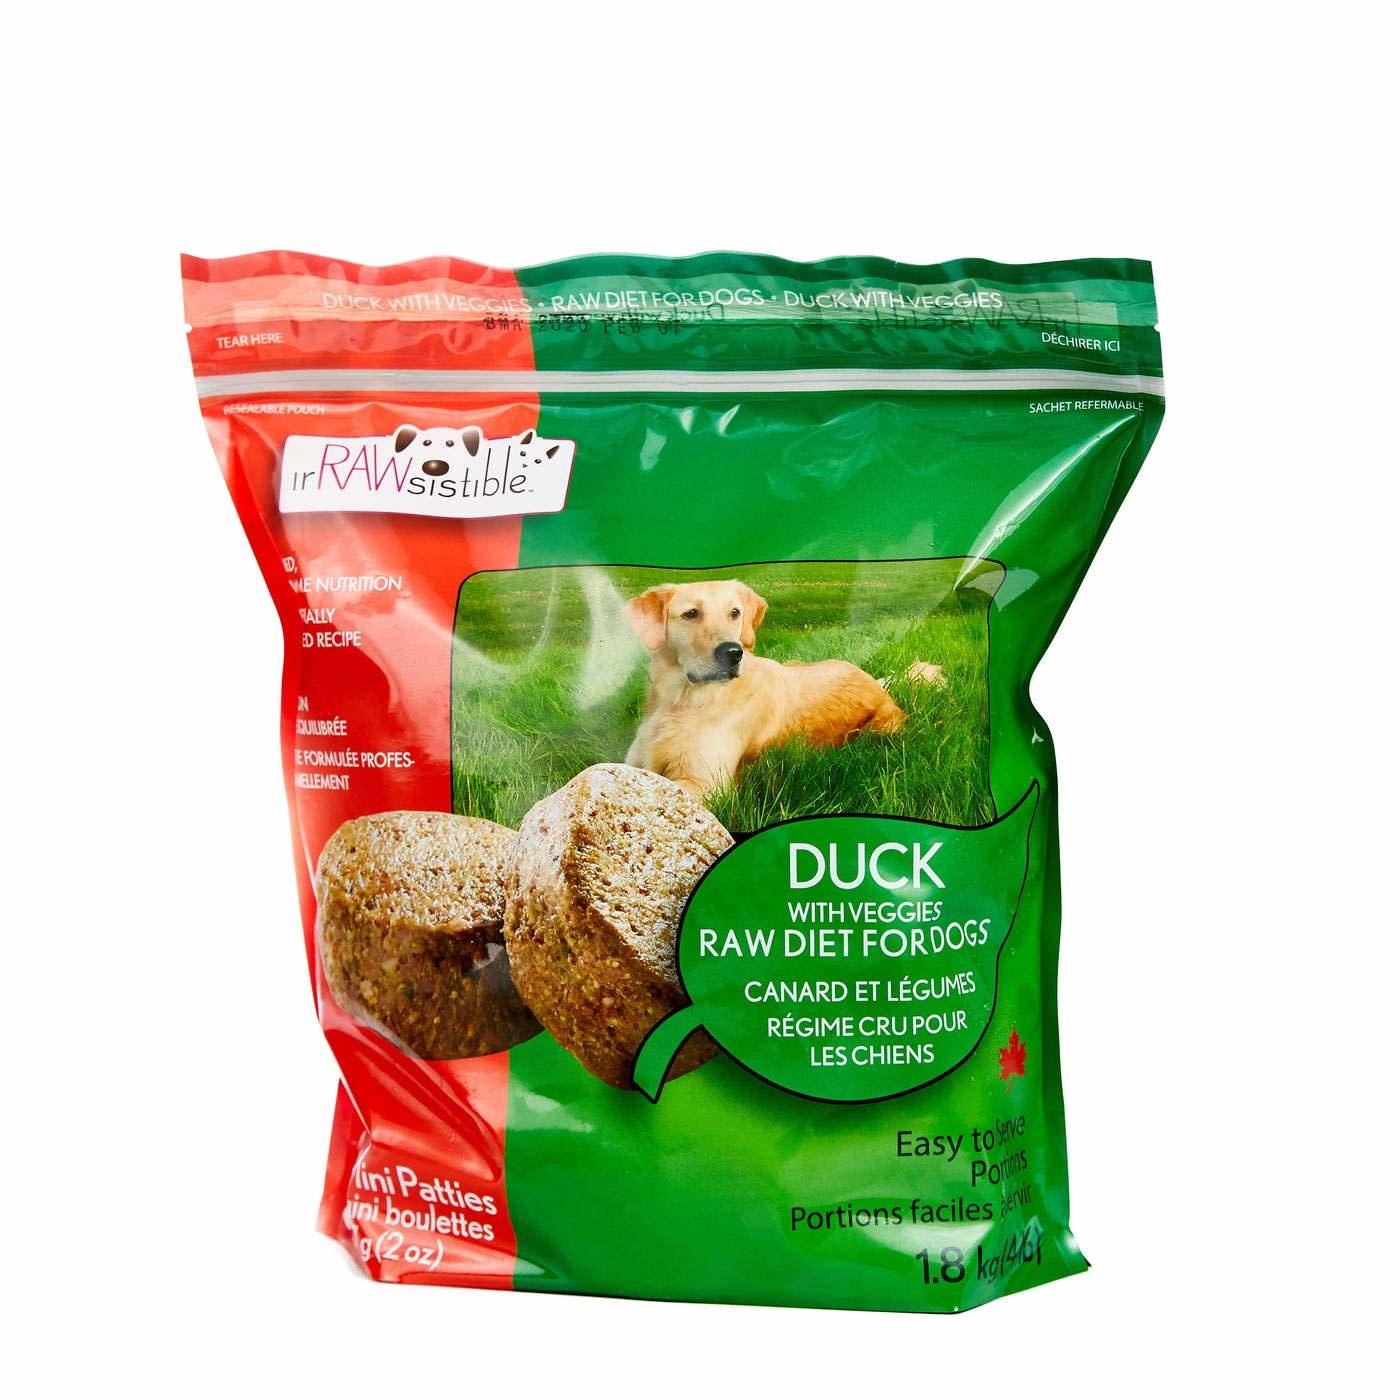 1.8kg Duck Veg Patties